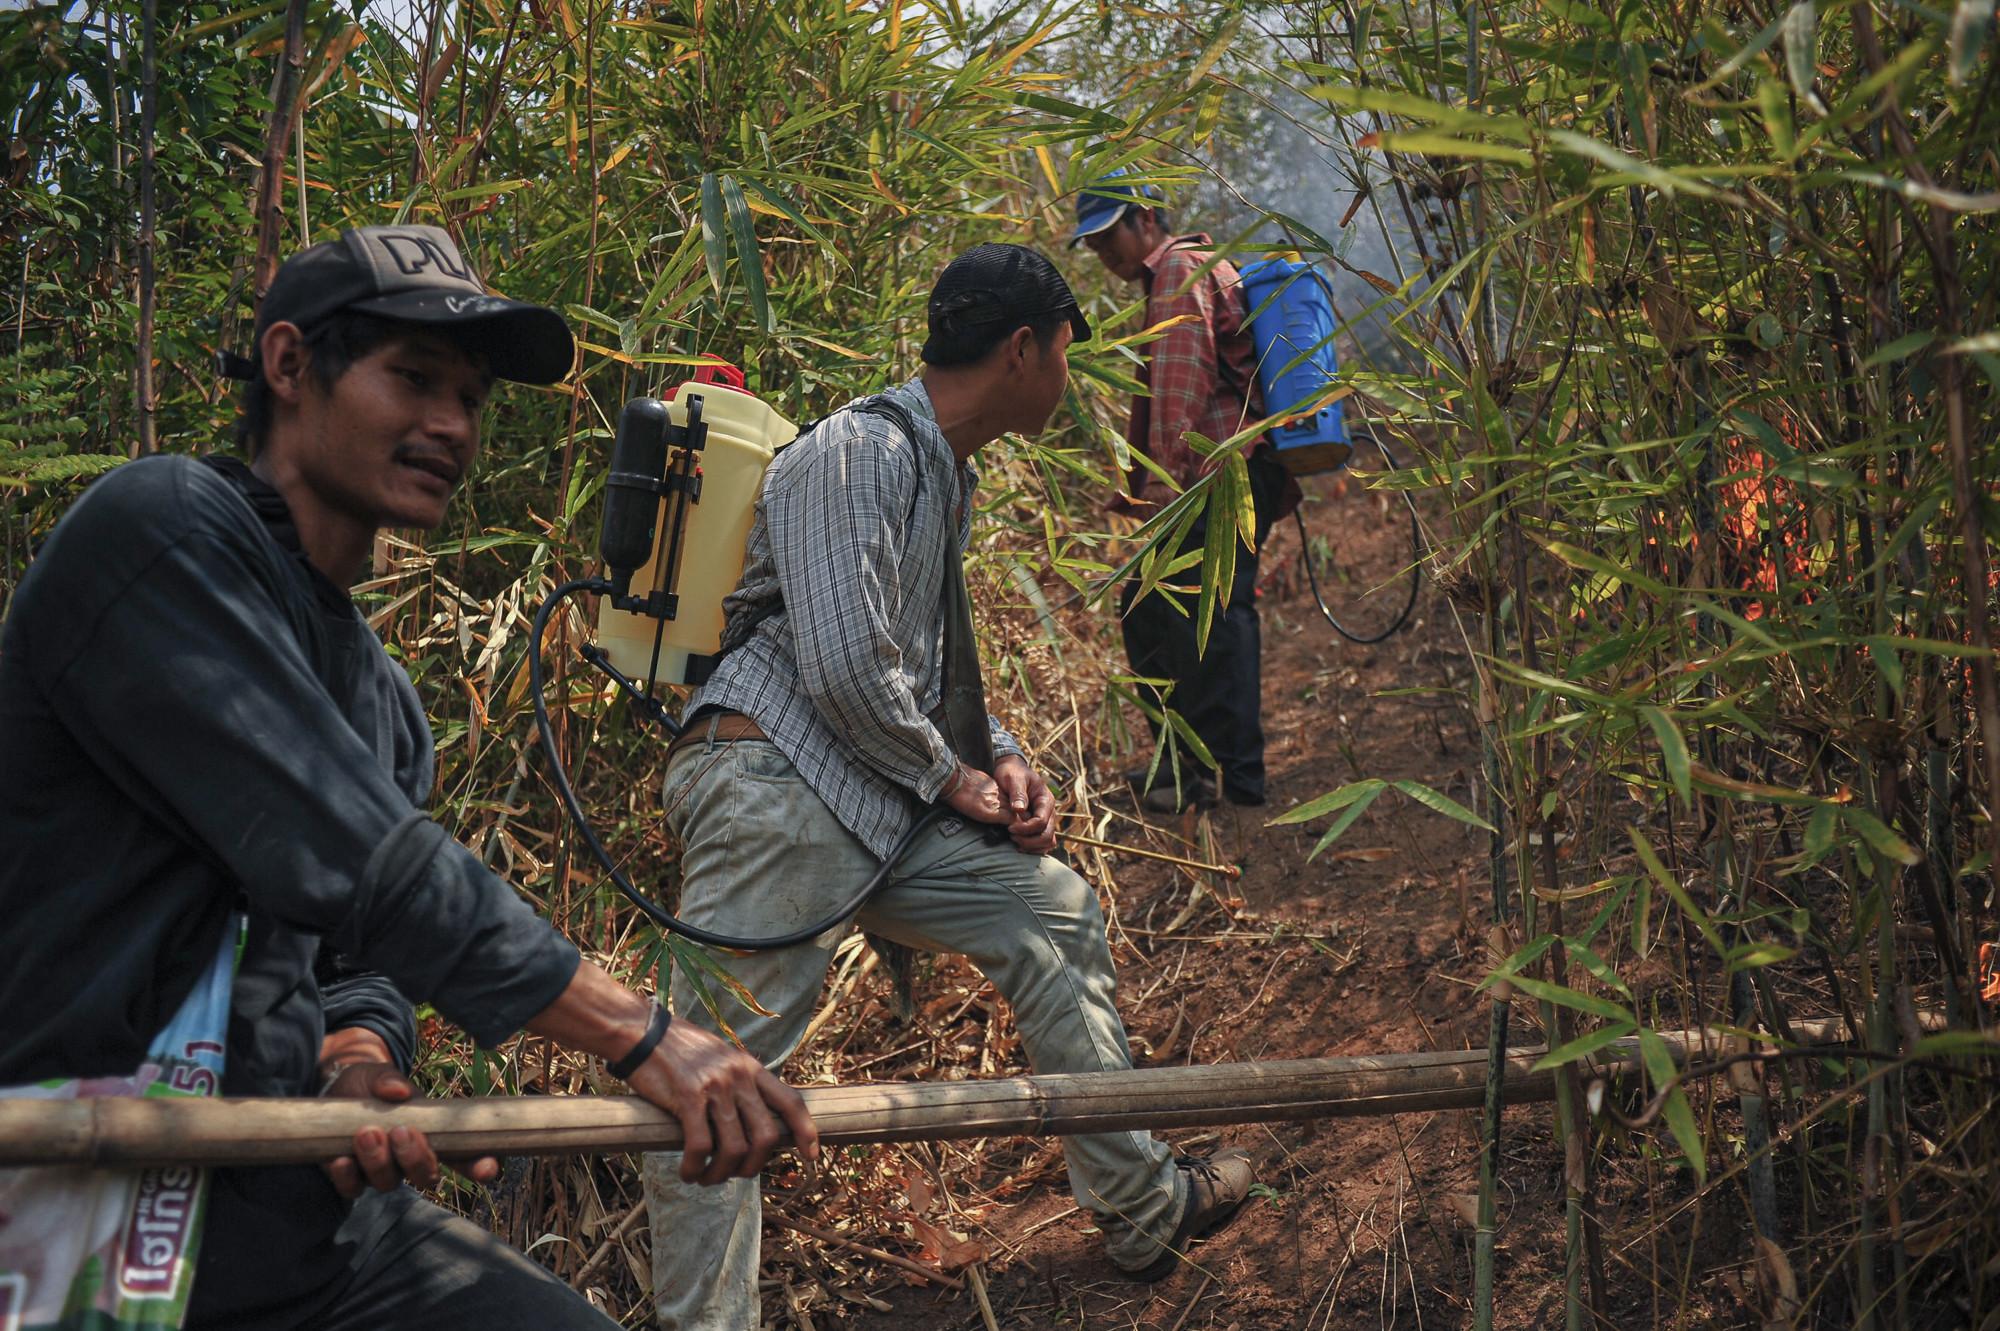 ชาวบ้านห้วยหินลาดในขณะกำลังช่วยกันกำจัดเชื้อเพลิงโดยการชิงเผา เพื่อเป็นการลดการสะสมของเชื้อเพลิงป้องกันไม่ให้เกิดไฟป่าที่รุนแรงในฤดูแล้ง ภาพถ่ายเมื่อ 19 เม.ย. 63 (ที่มา: นิพนธ์ ปุแคระ)